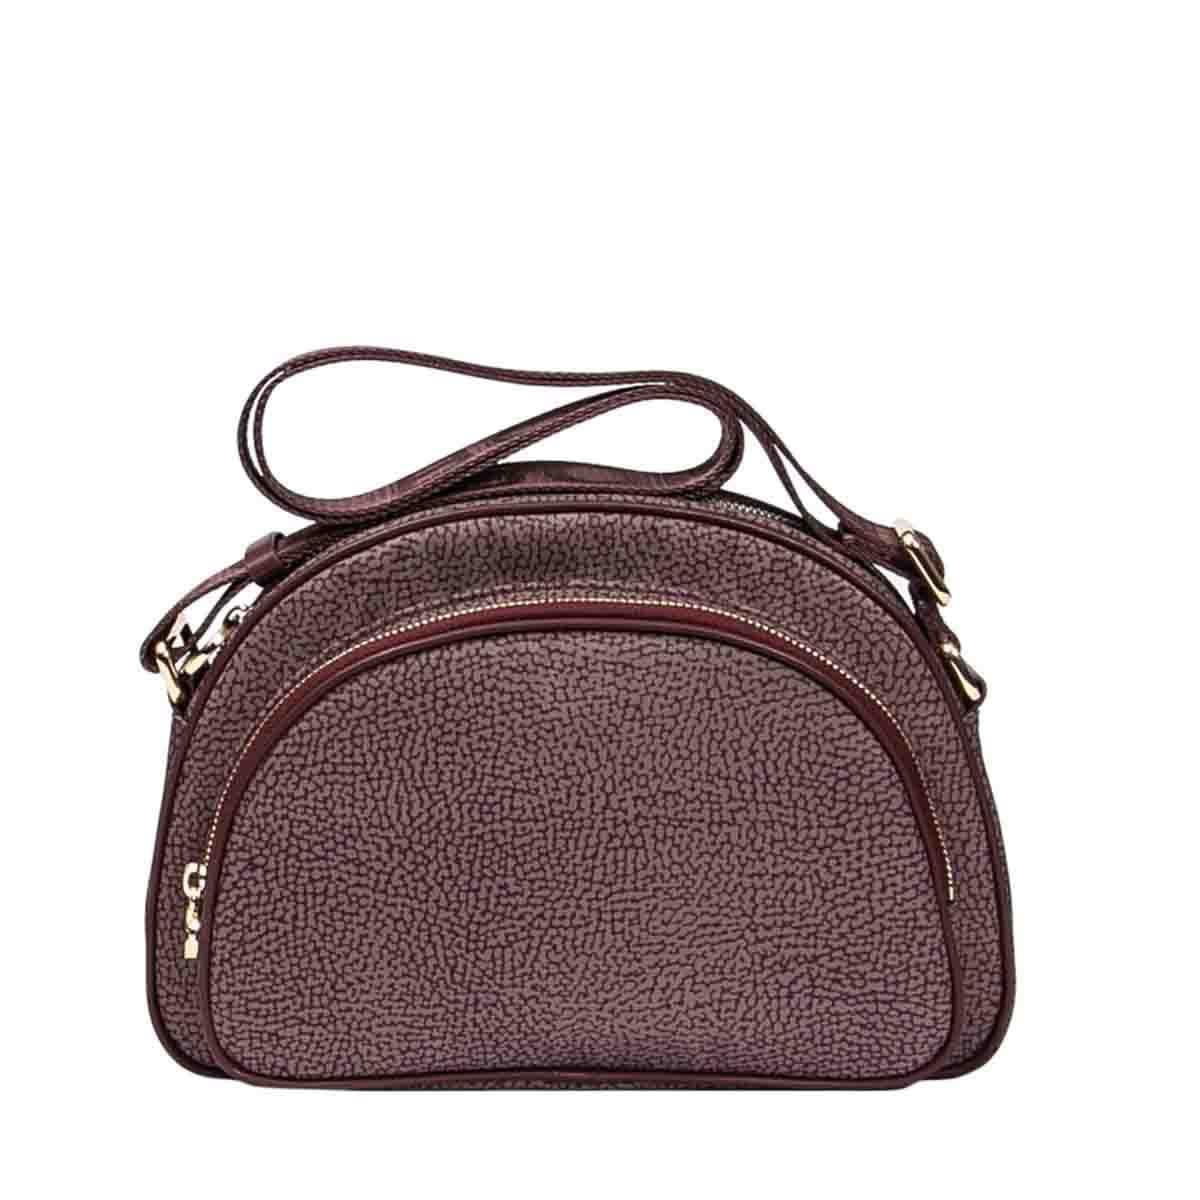 Medium Crossover Bag